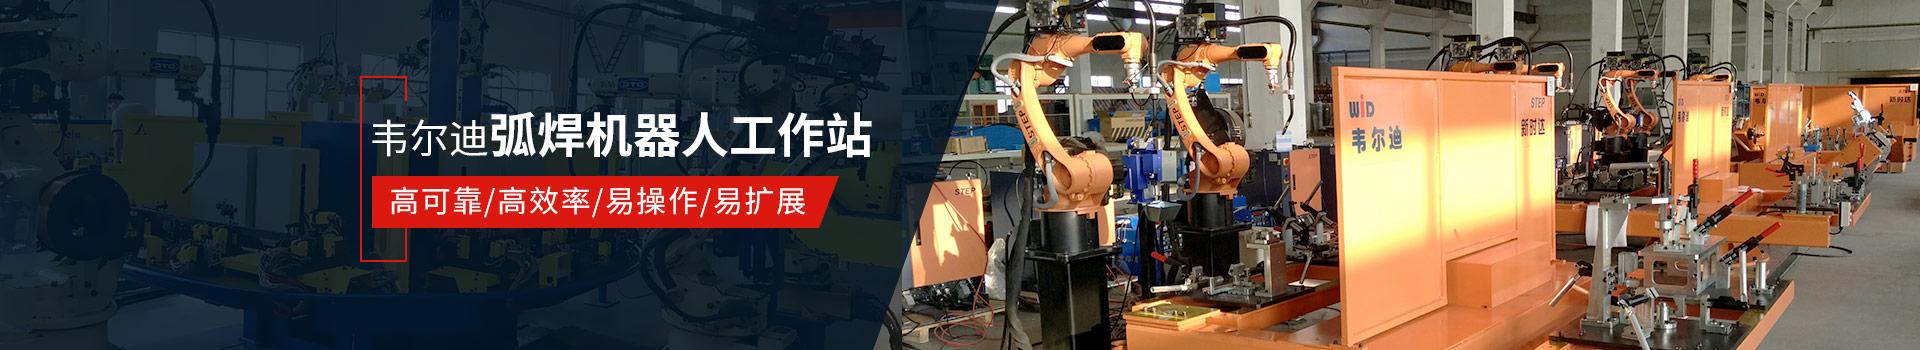 韦尔迪弧焊机器人工作站易操作、高效率